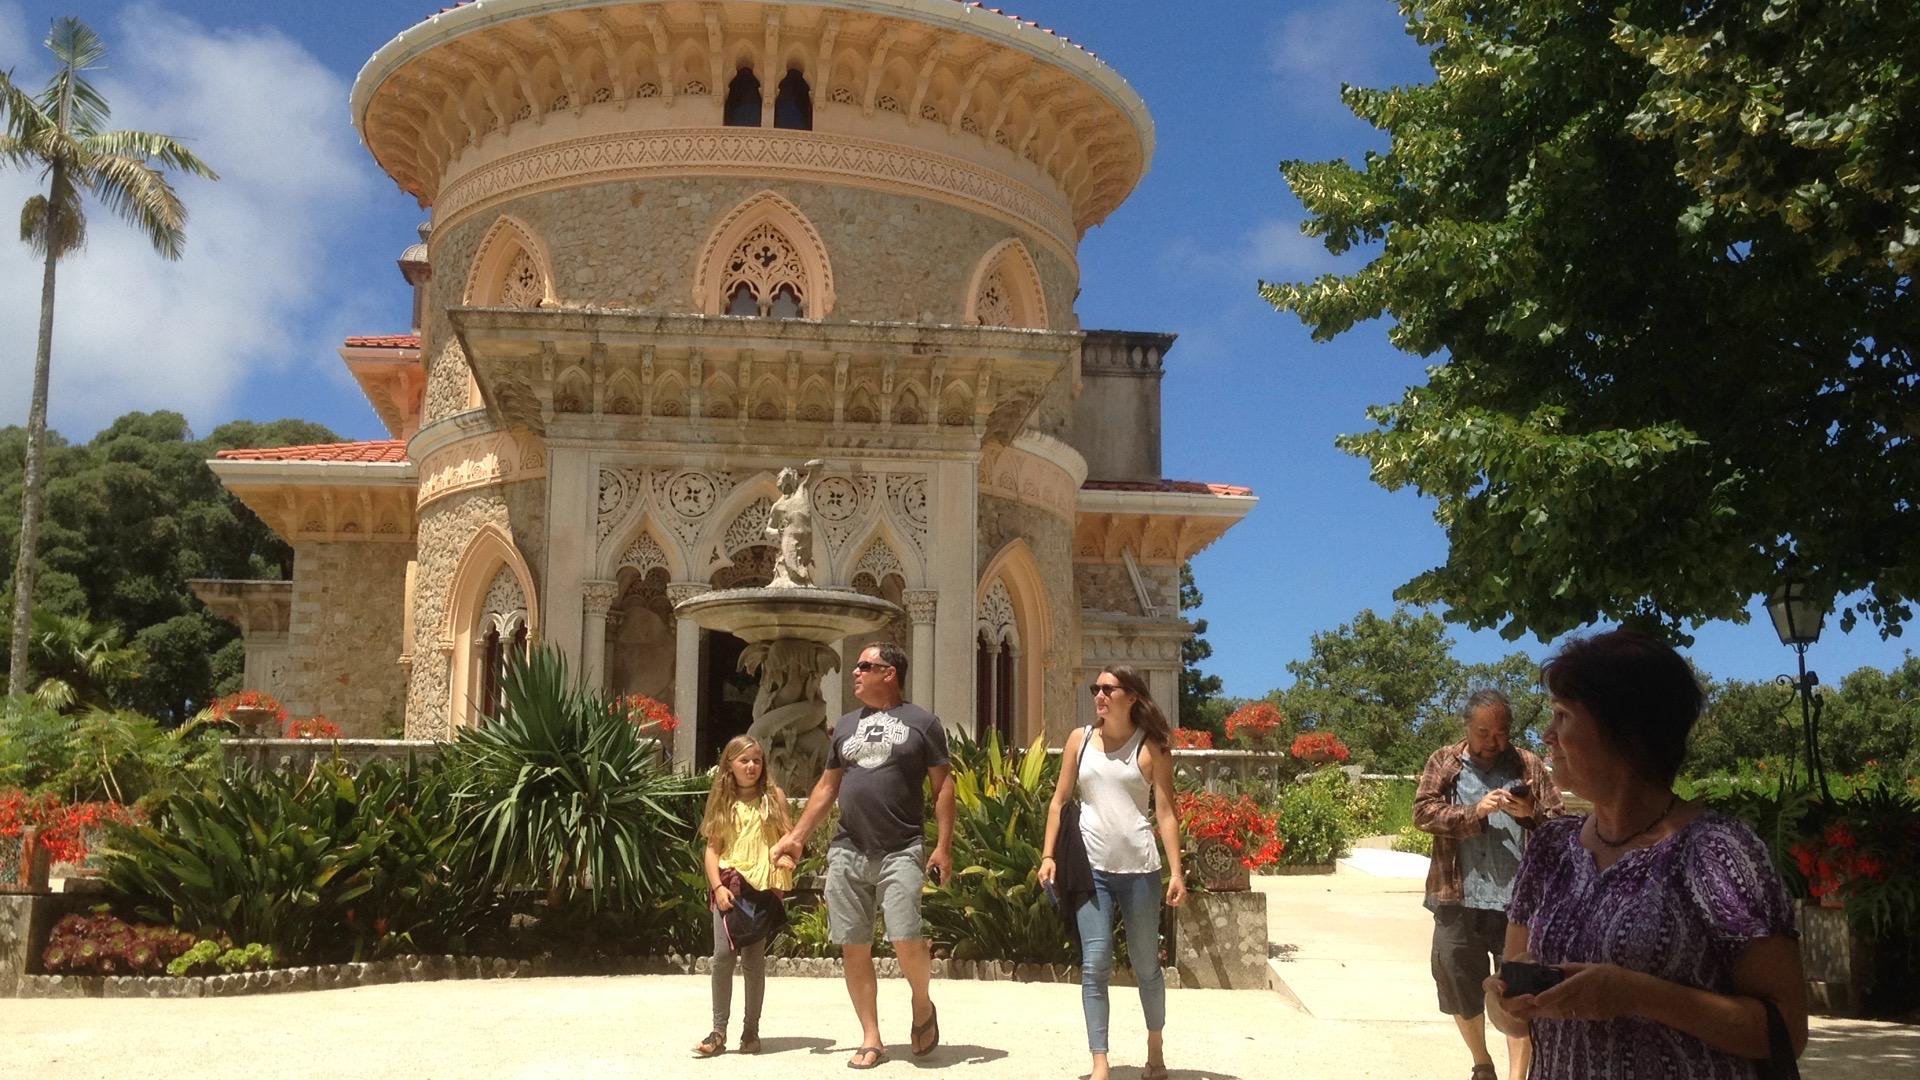 Monserrat Palace